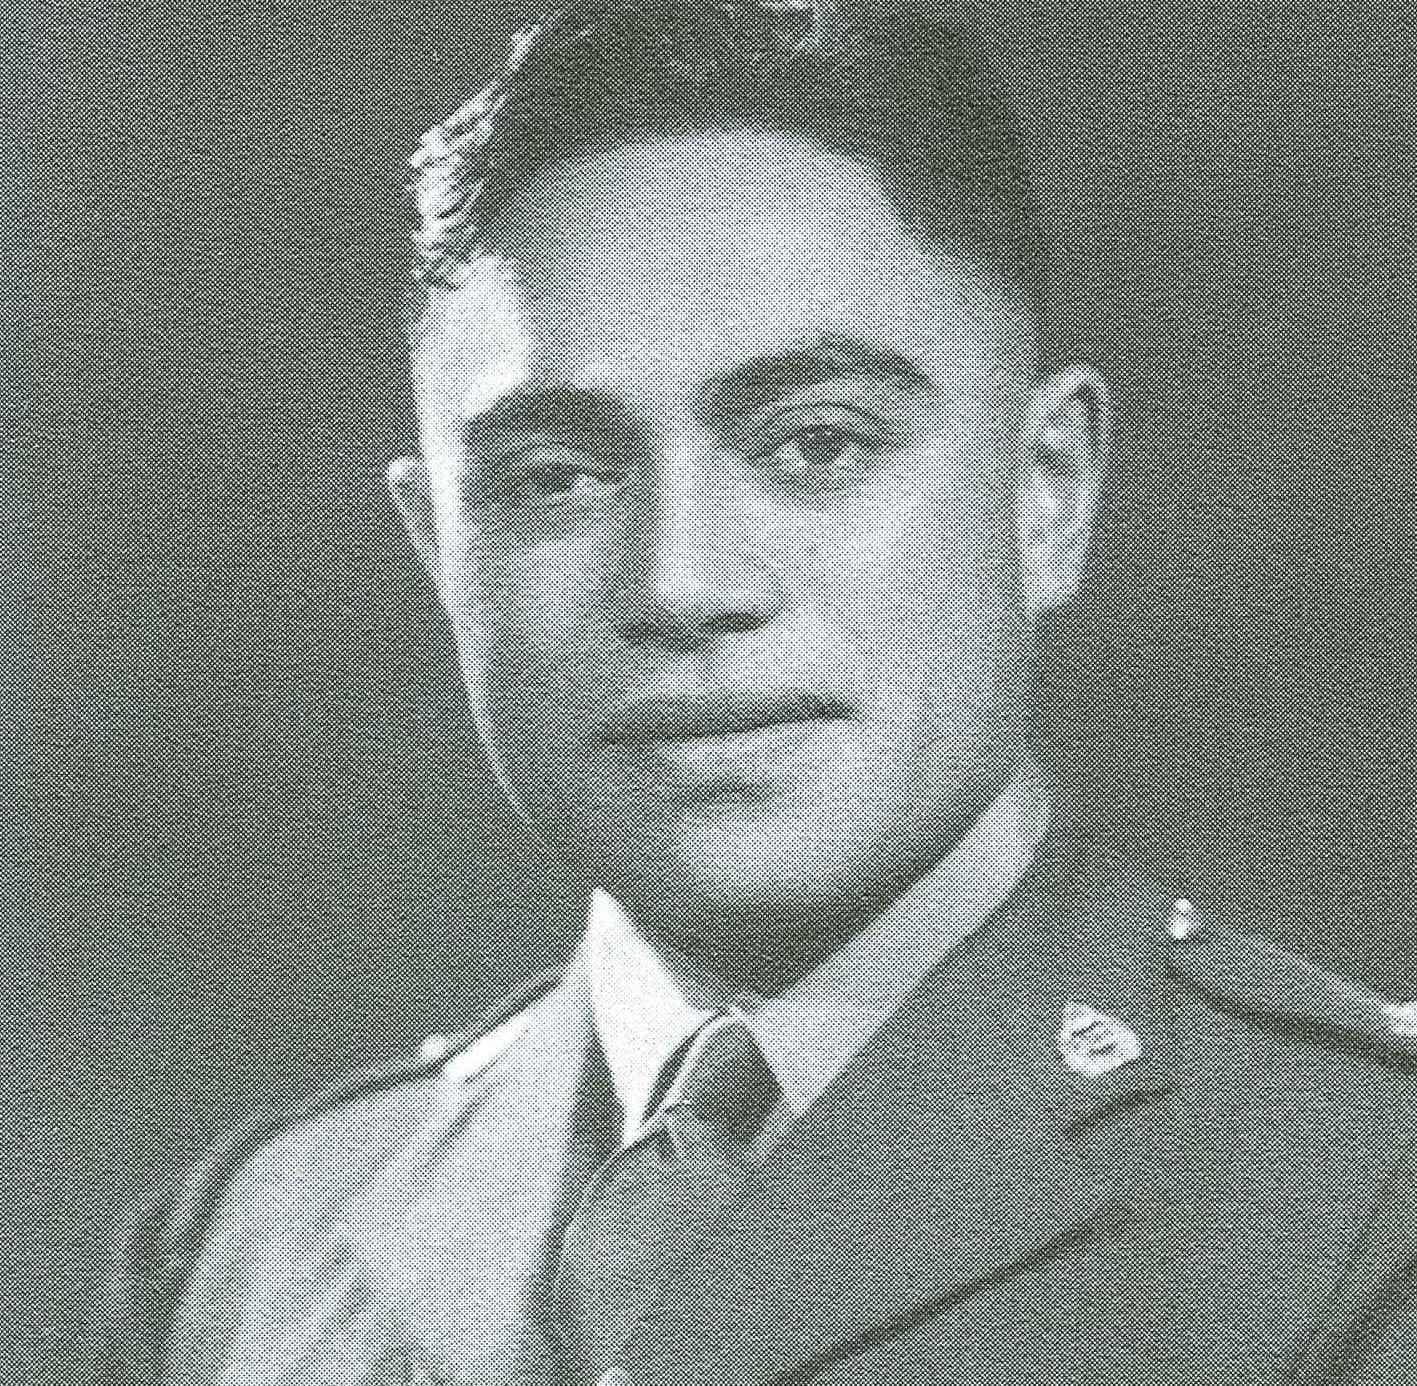 Figure 3: Matarehua Wikiriwhi, circa 1941. Source: Monty Soutar, Nga Tama Toa - The Price of Citizenship, pg 320.